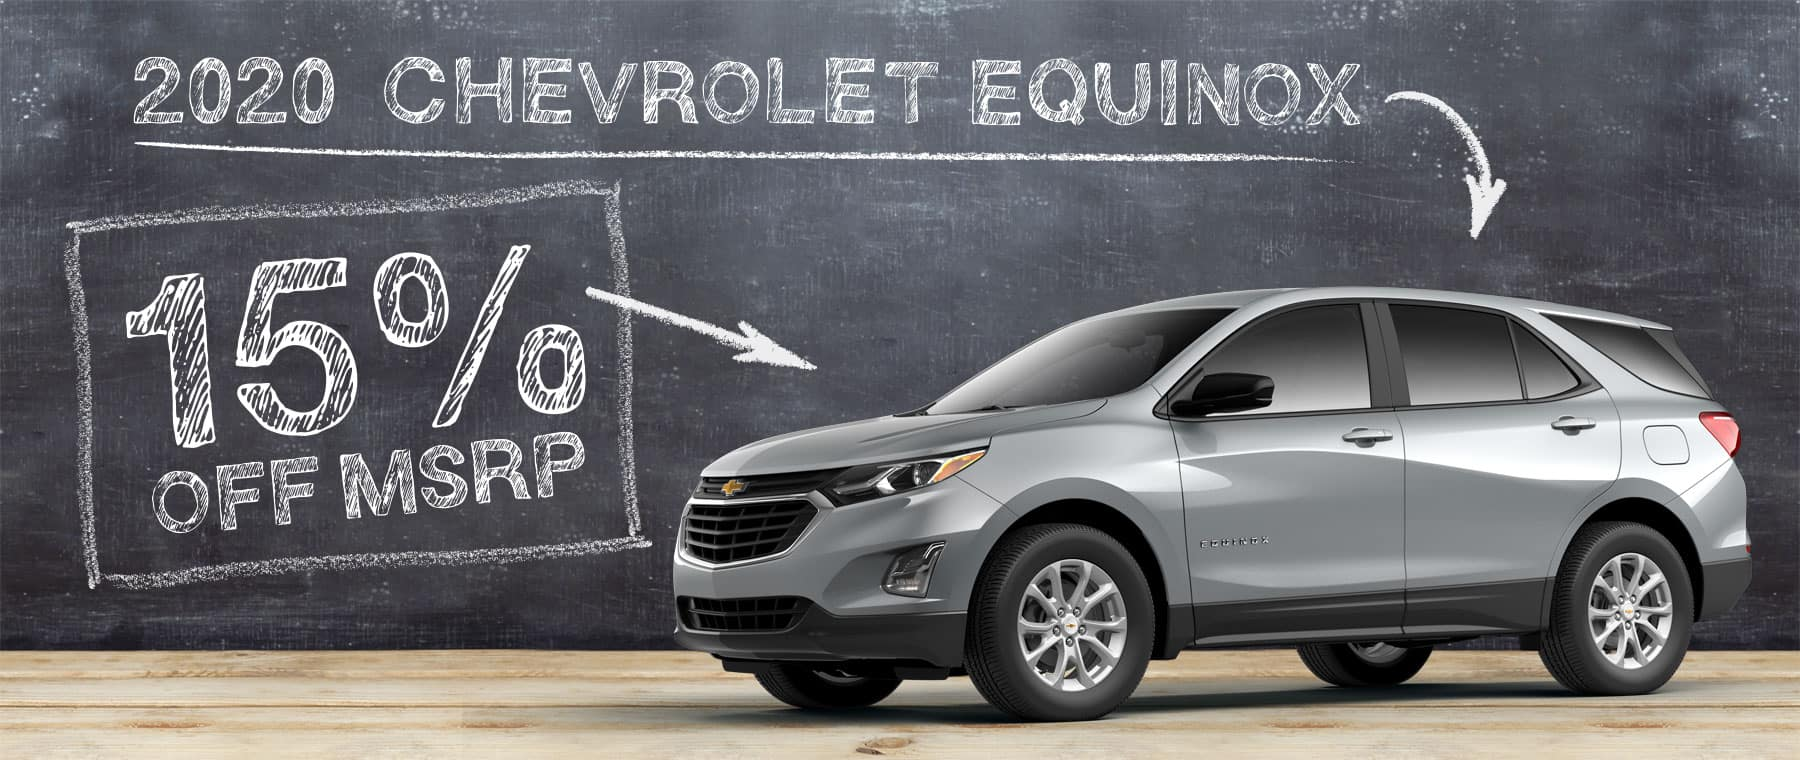 2020 Chevrolet Equinox - 15% off MSRP